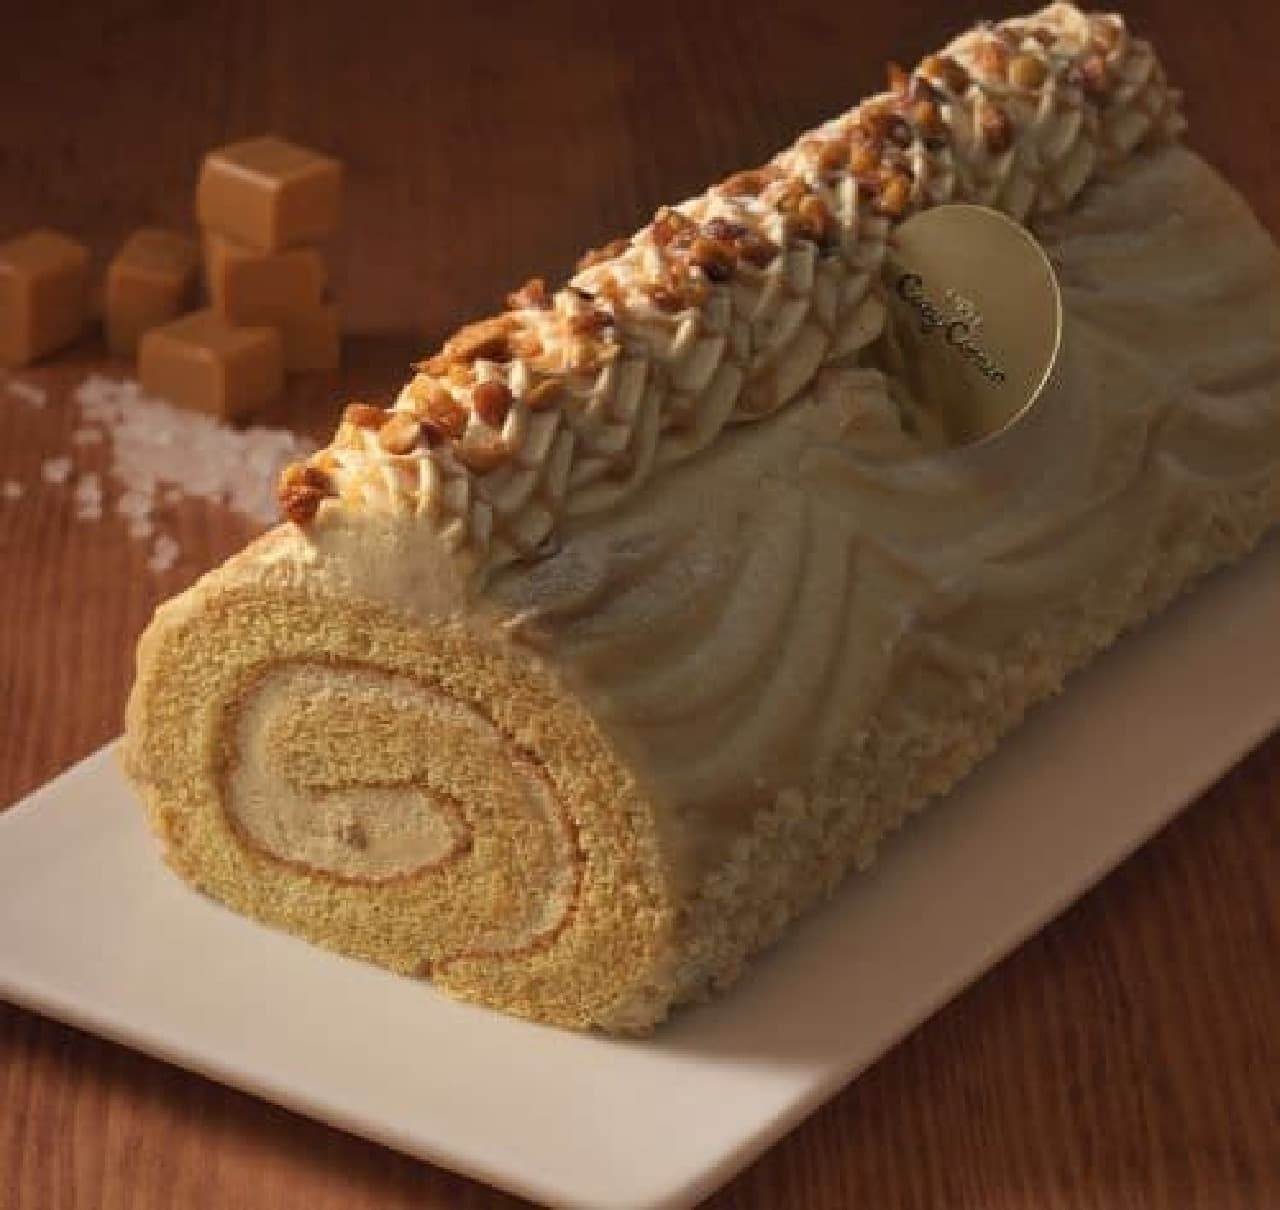 「塩キャラメルロール」は粒々アーモンド入りの塩キャラメルクリームをキャラメルスポンジでまき、塩キャラメルクリームで仕上げたケーキ